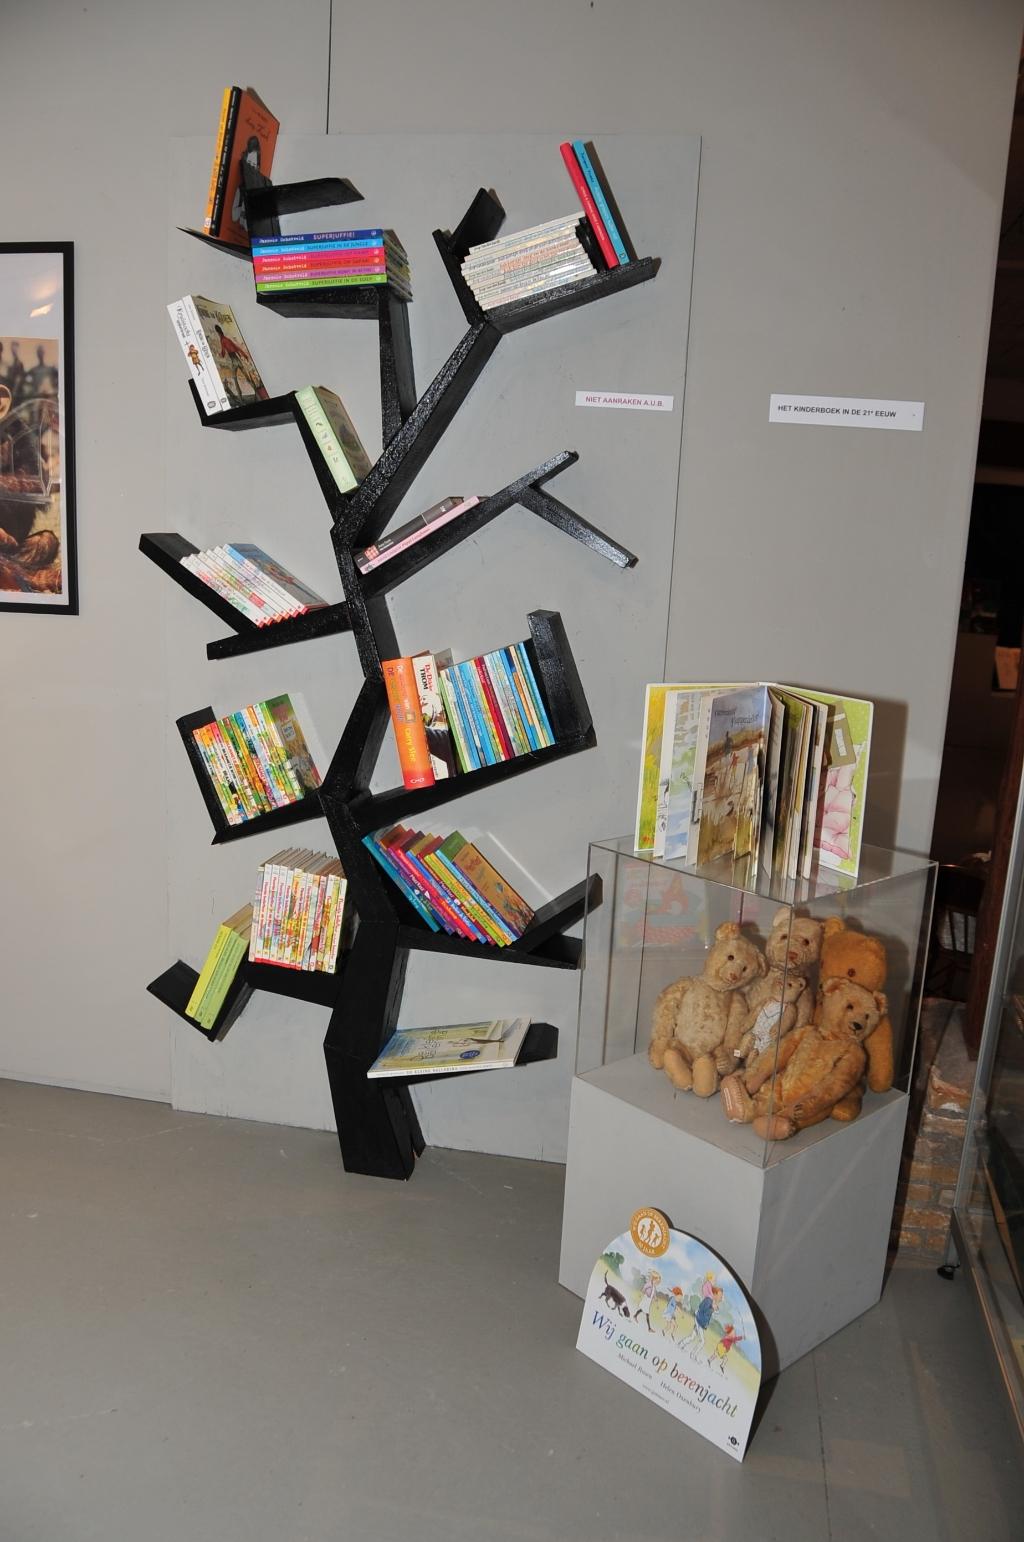 expositie Het Kinderboek museum De Koperen Knop © BDU media